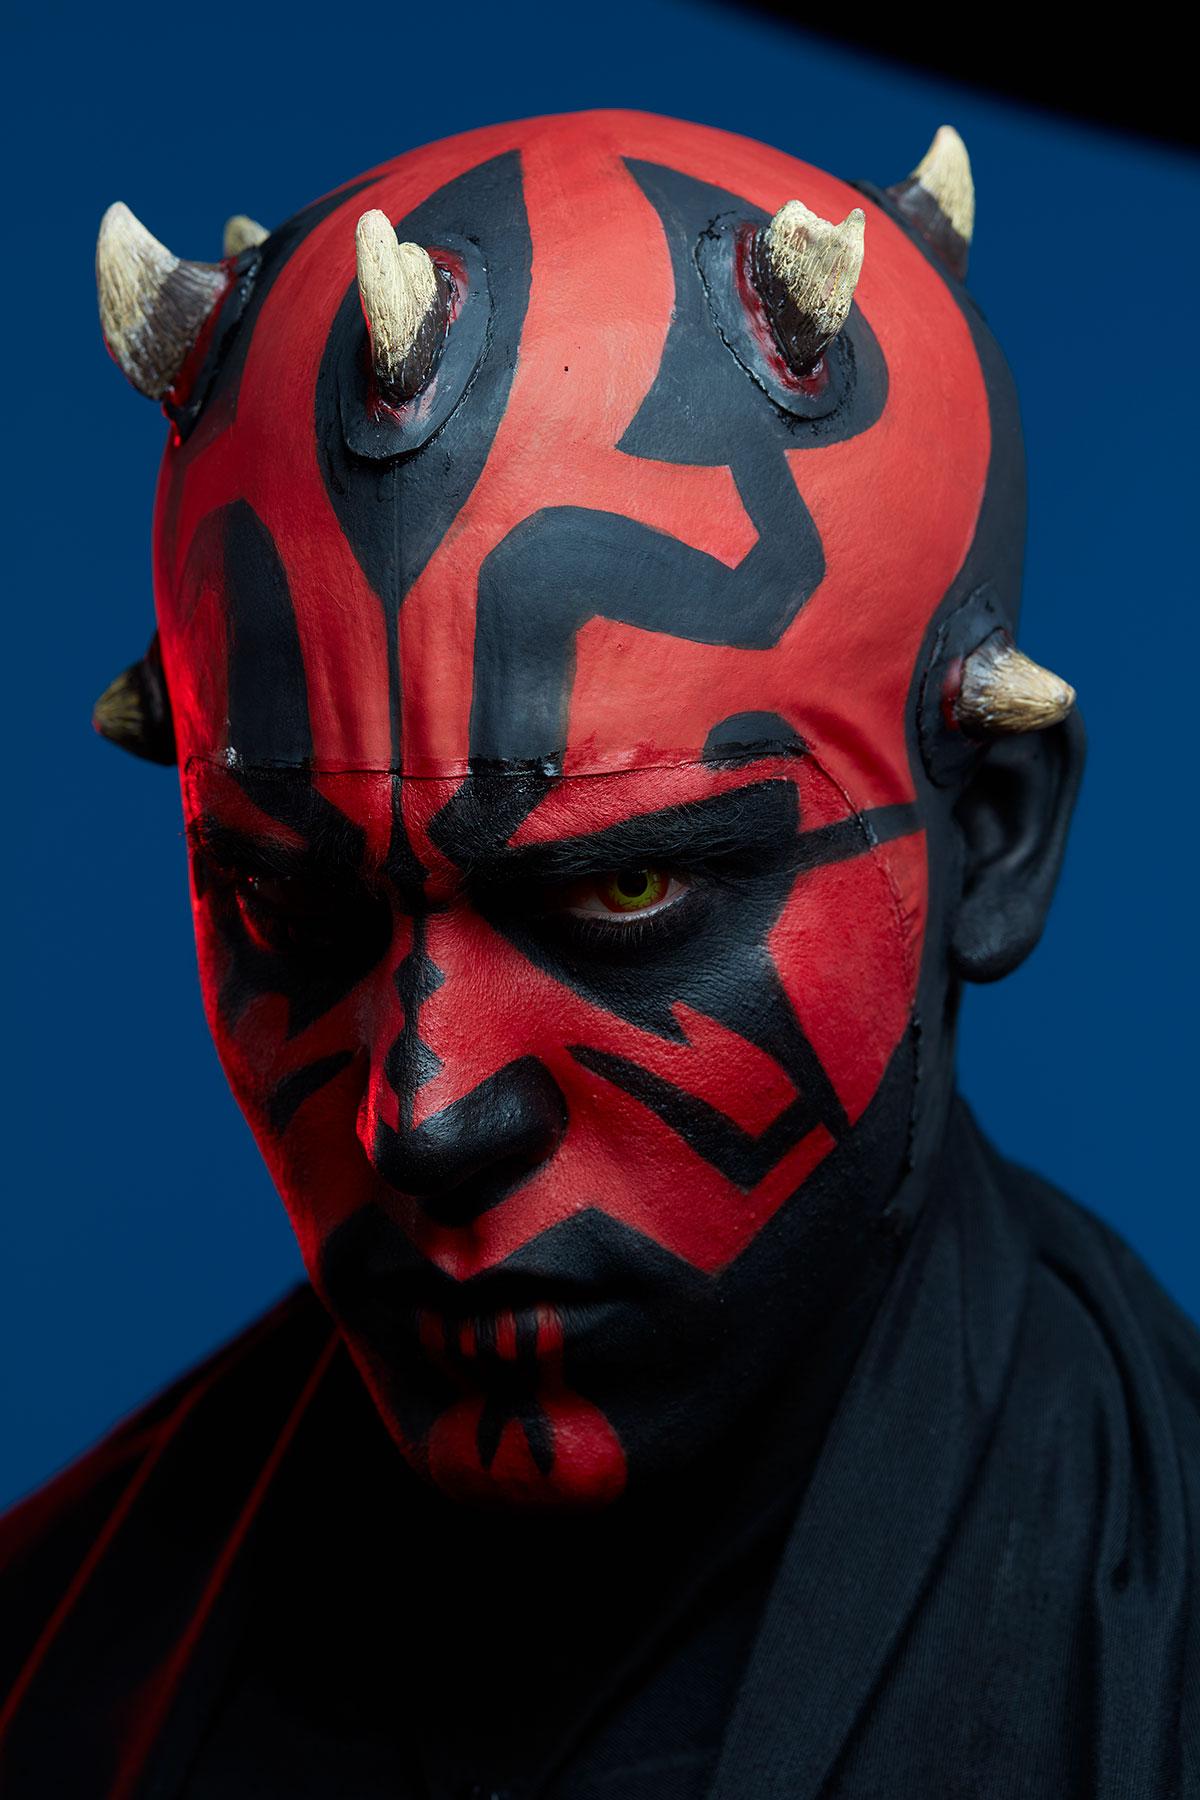 Arthur Sayanoff Darth Maul Star Wars 08 01